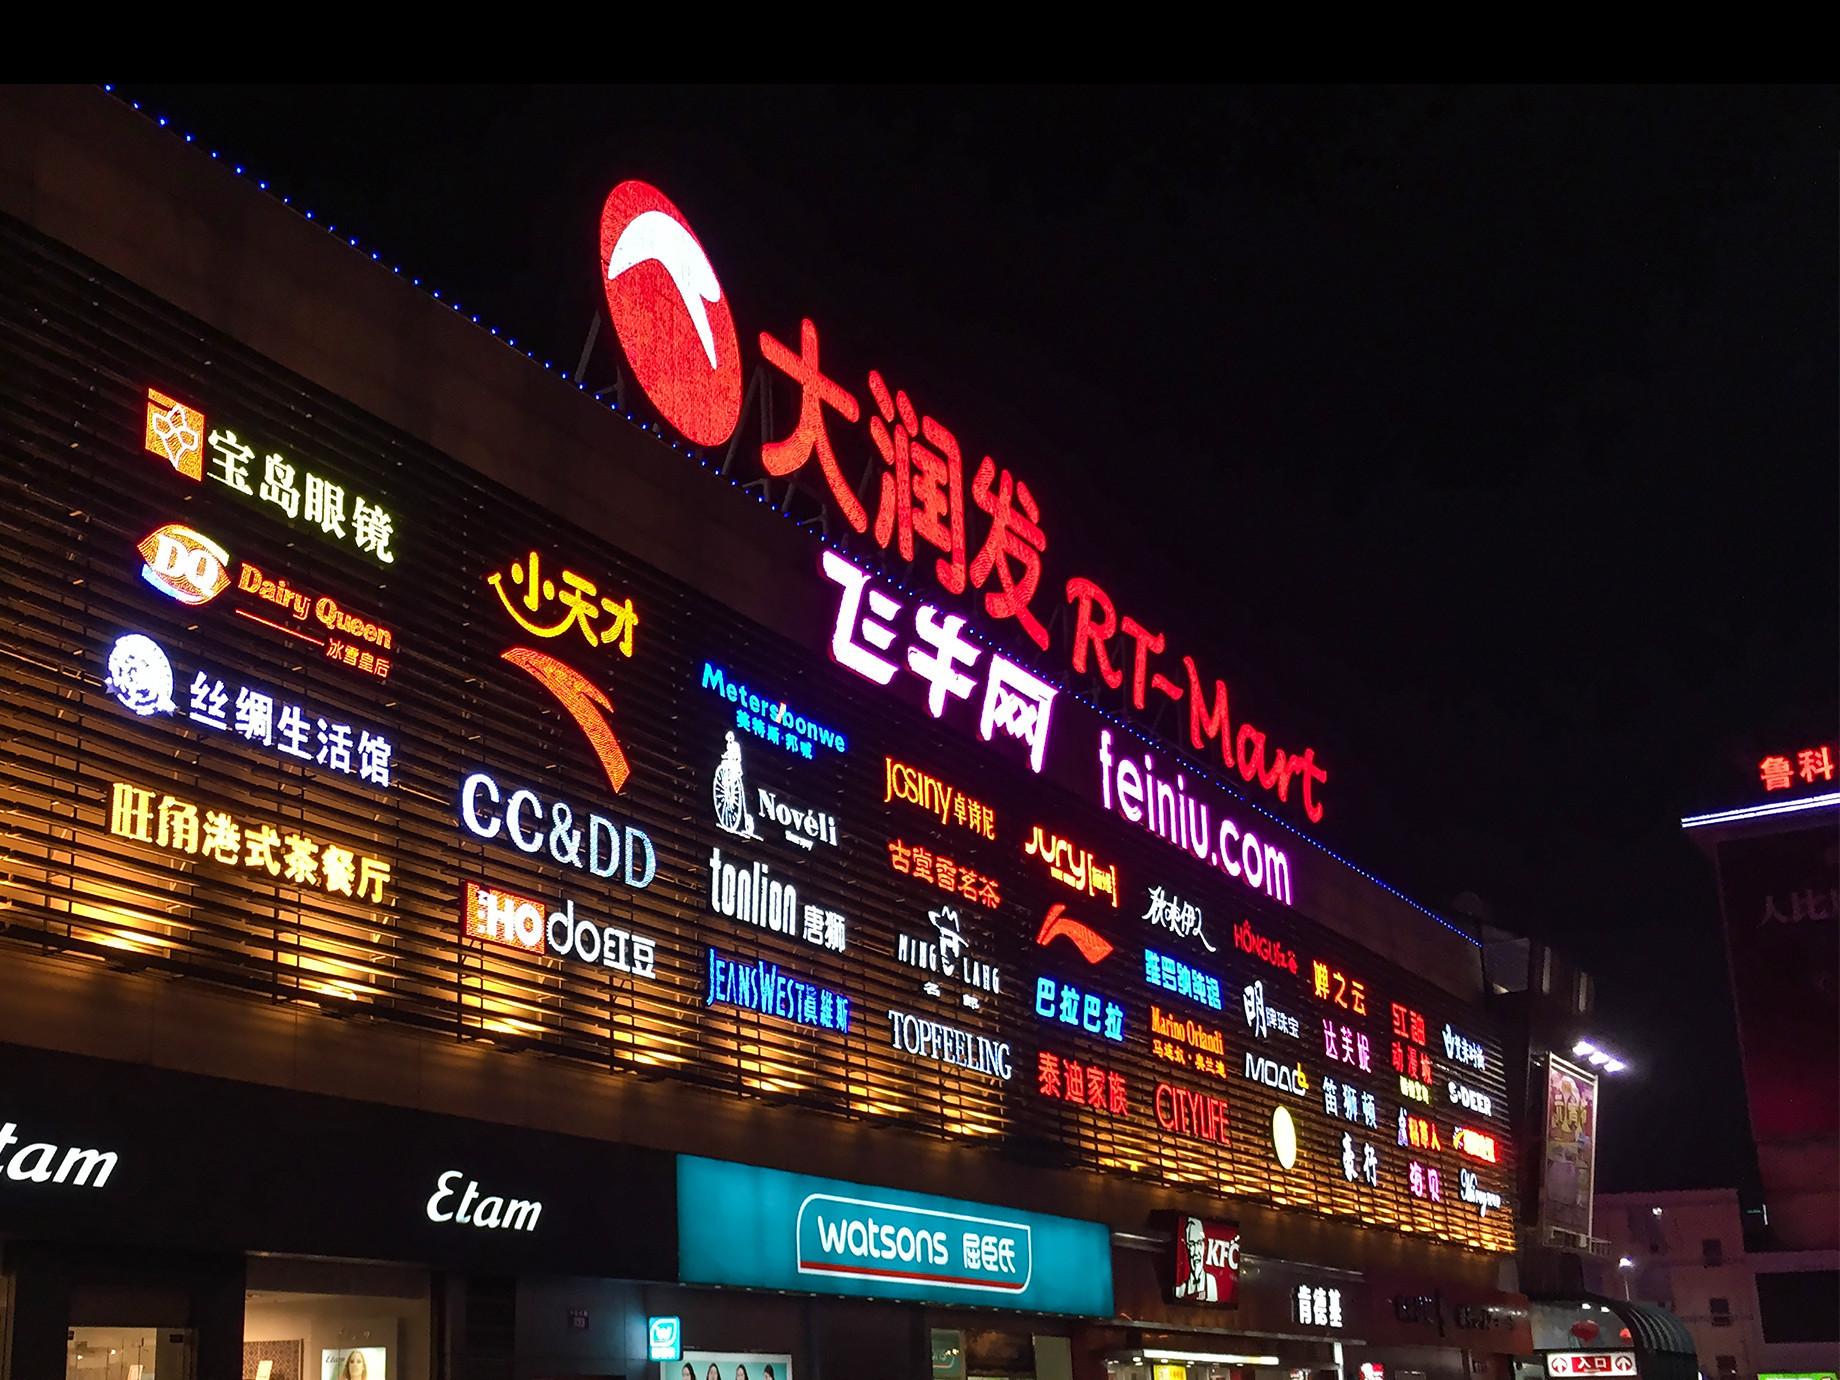 中國大潤發求親,高鑫證實蘇寧搶先但仍有變數